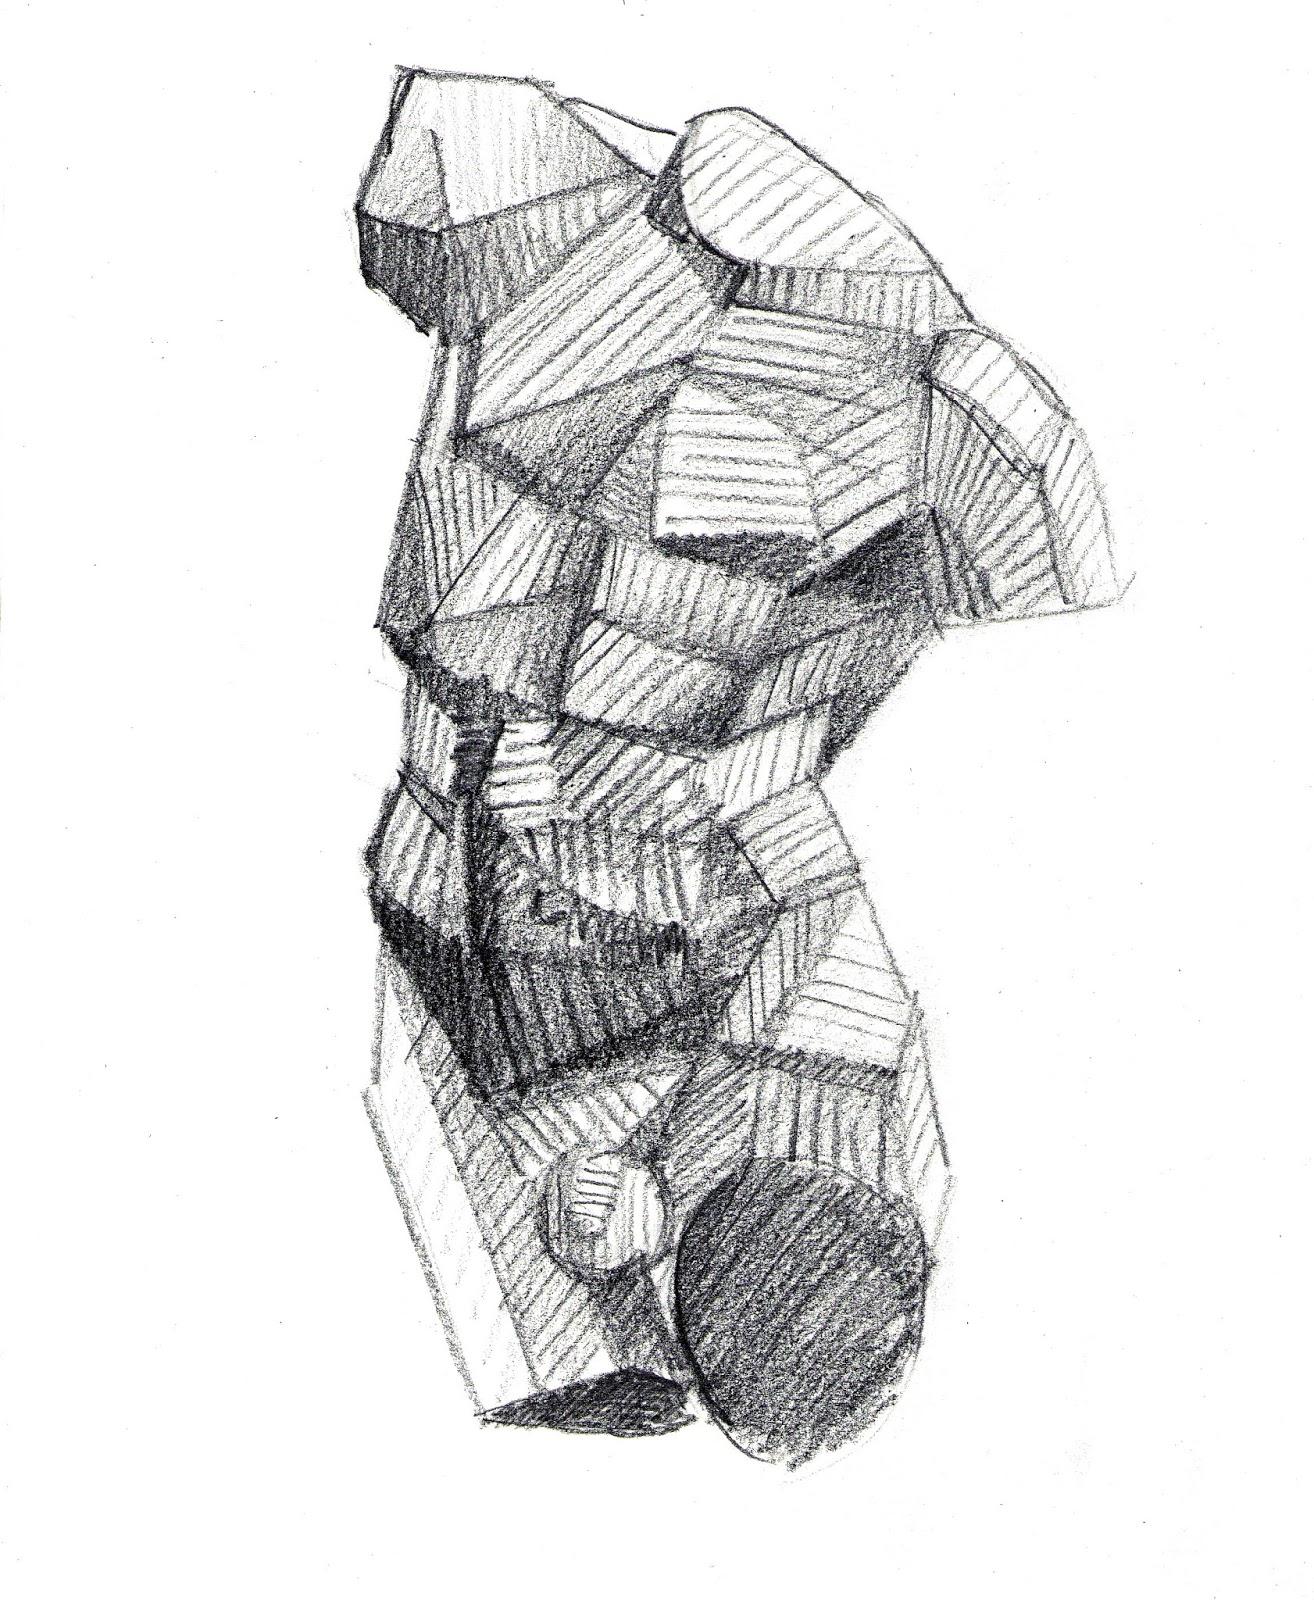 Blog de la academia de dibujo y pintura Artistas6 de Madrid